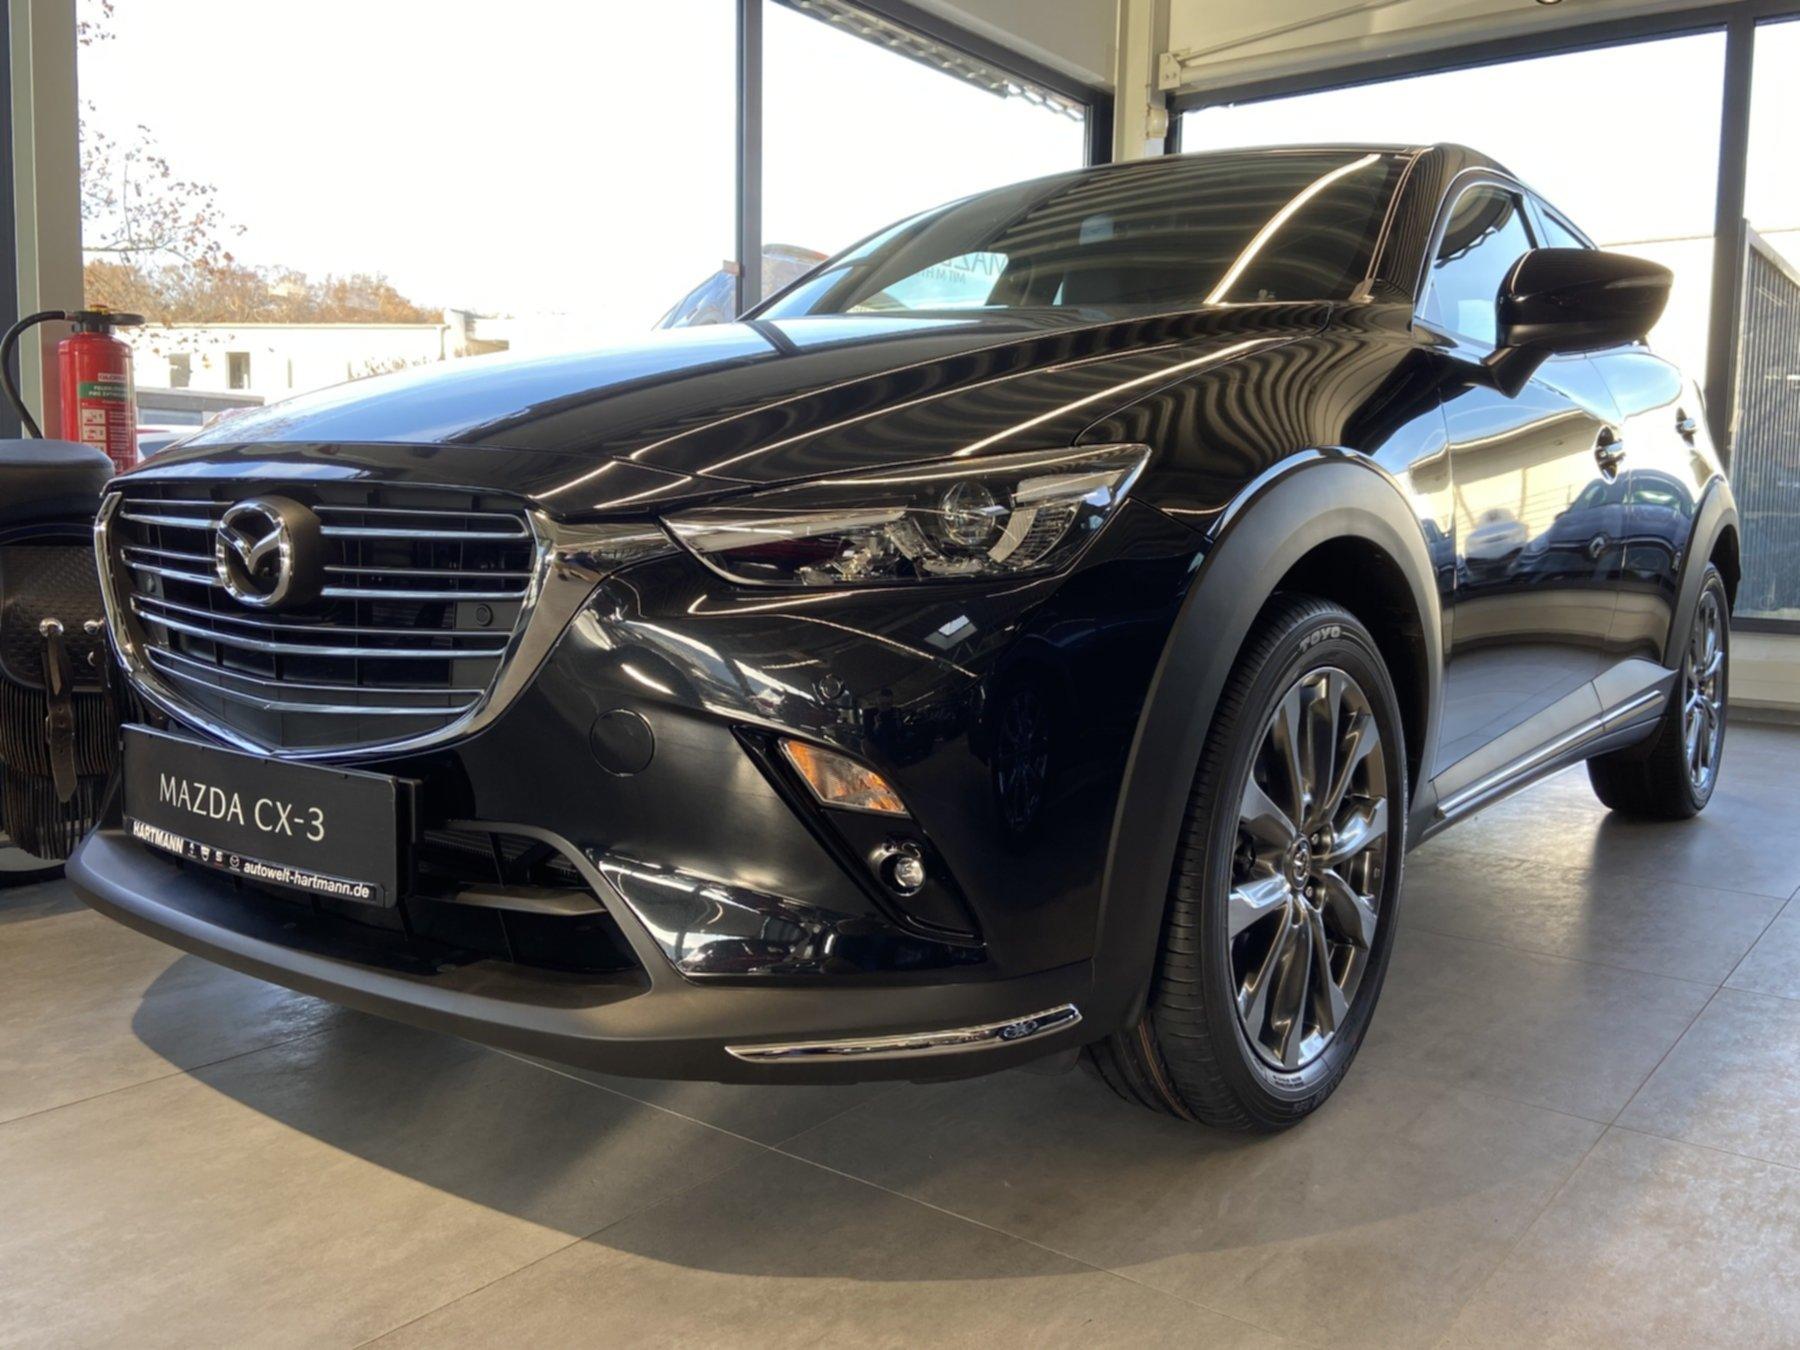 Mazda CX-3 finanzieren